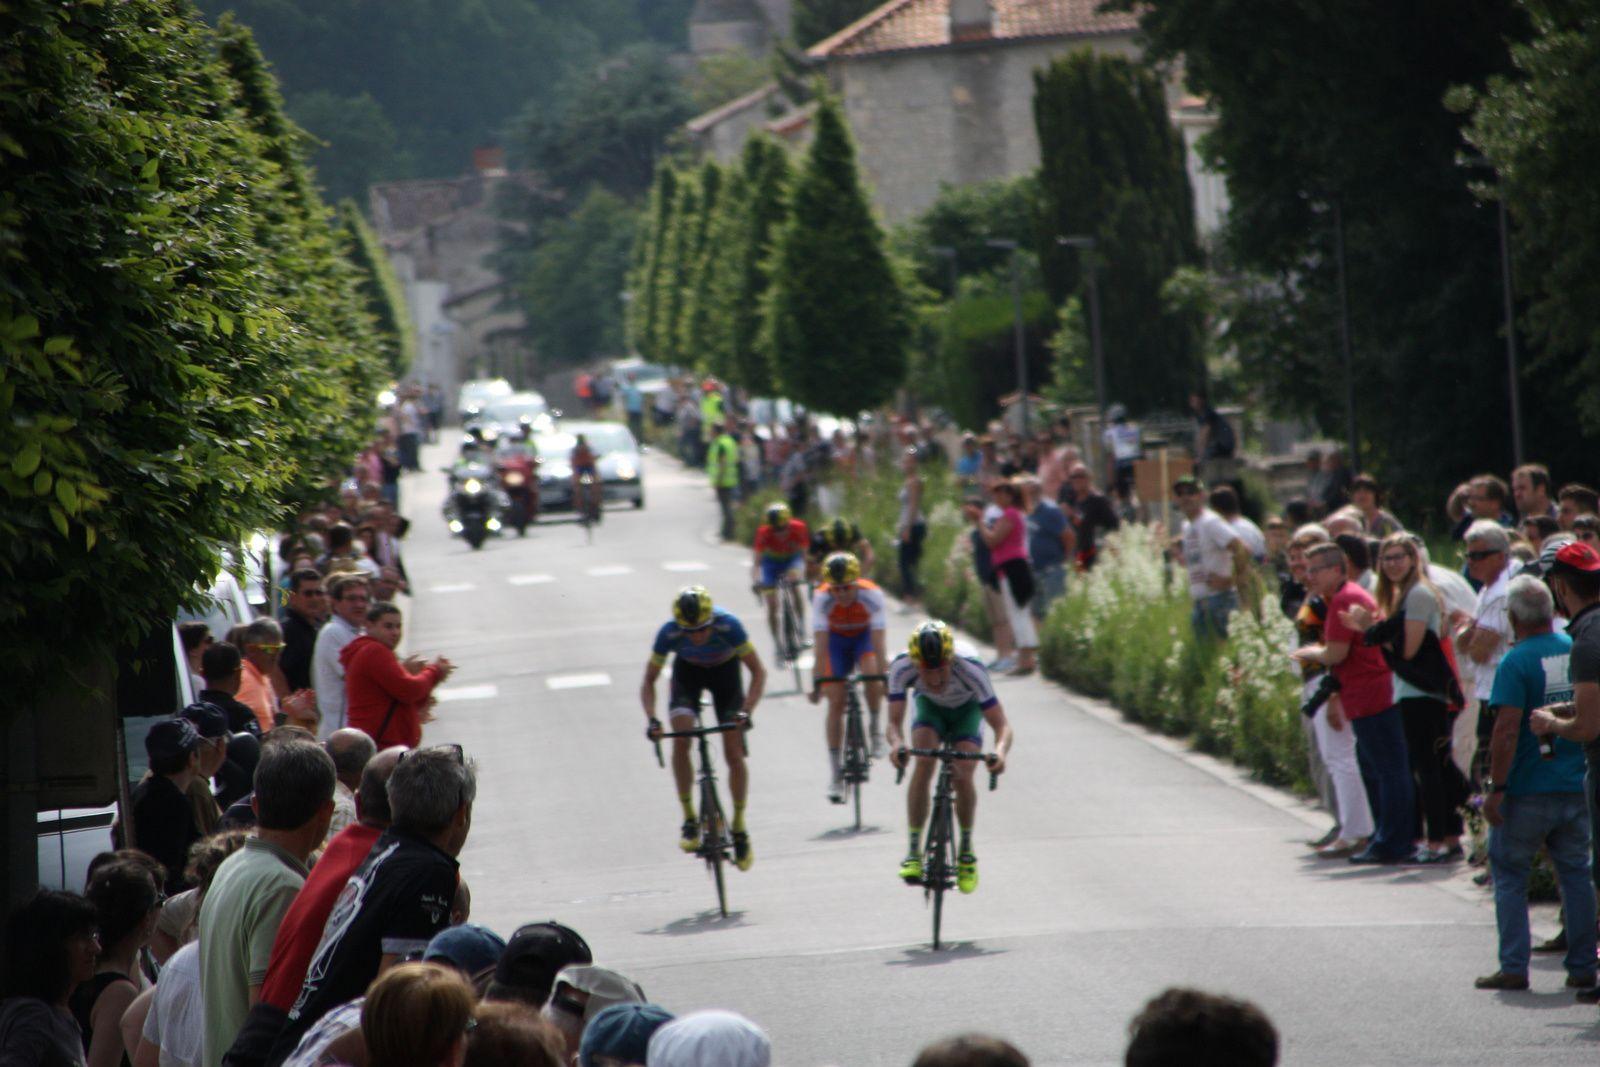 L'arrivée  au  sprint  du  petit  groupe  aprés  que  Clément  SAINT MARTIN  soit  repris  dans  la  derniére  ligne  droite